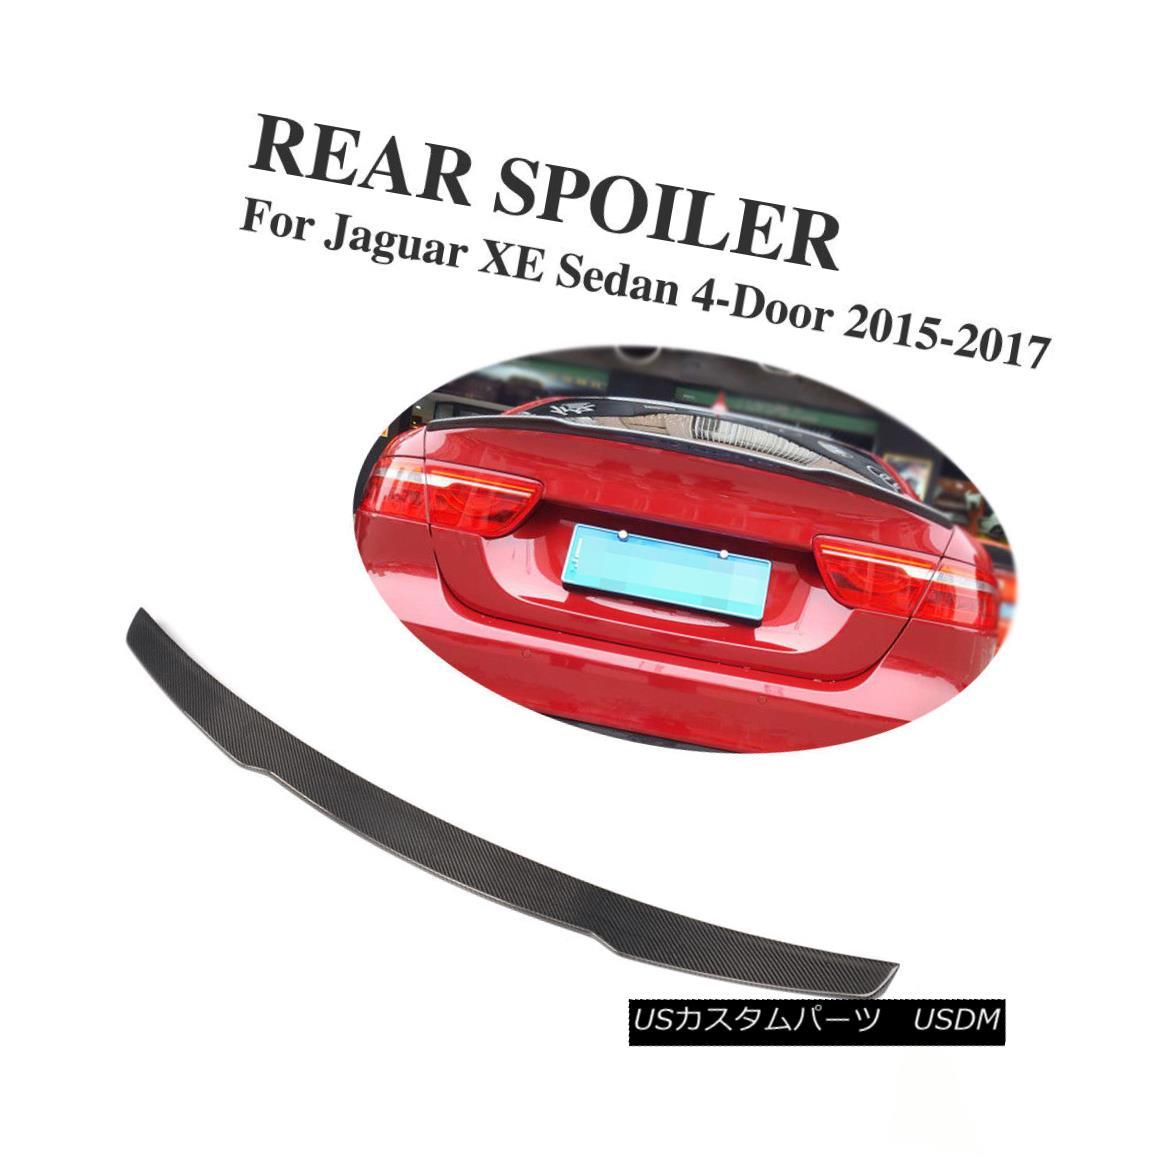 エアロパーツ Carbon Fiber Rear Trunk Spoiler Boot Wings Customized For Jaguar XE Sedan 15-17 ジャガーXEセダン15-17用にカスタマイズされたカーボンファイバーリアトランク・スポイラー・ブーツ・ウイング